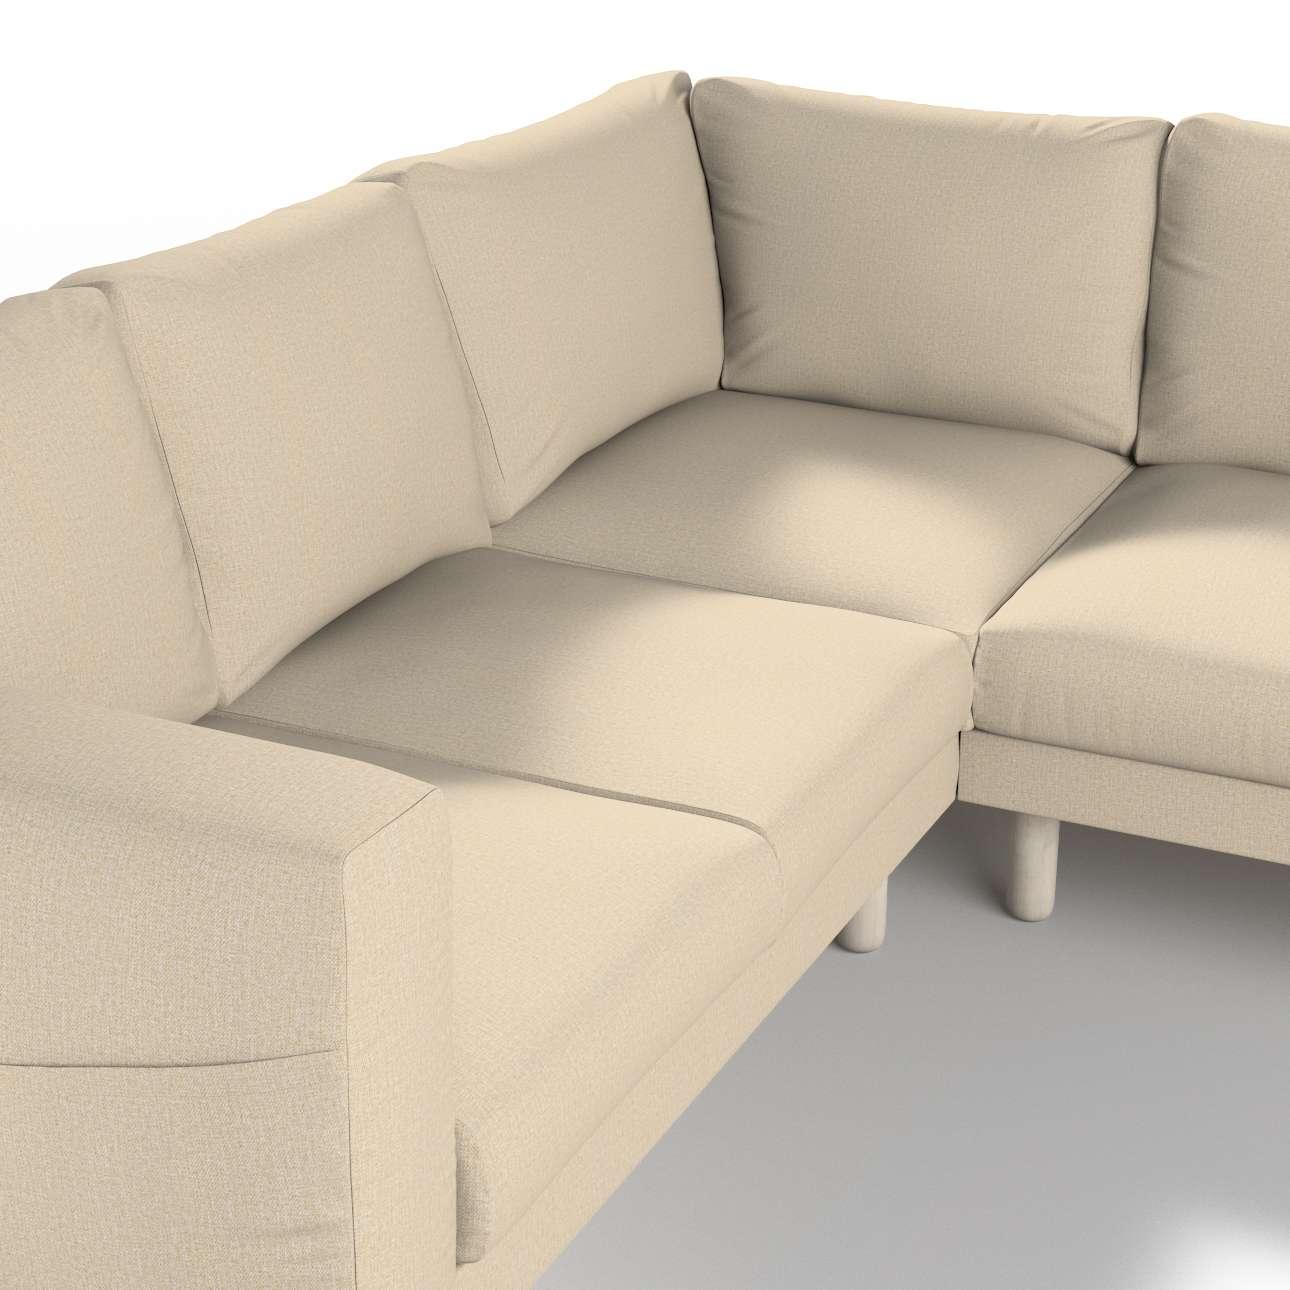 Pokrowiec na sofę narożną Norsborg 4-osobową w kolekcji Edinburgh, tkanina: 115-78